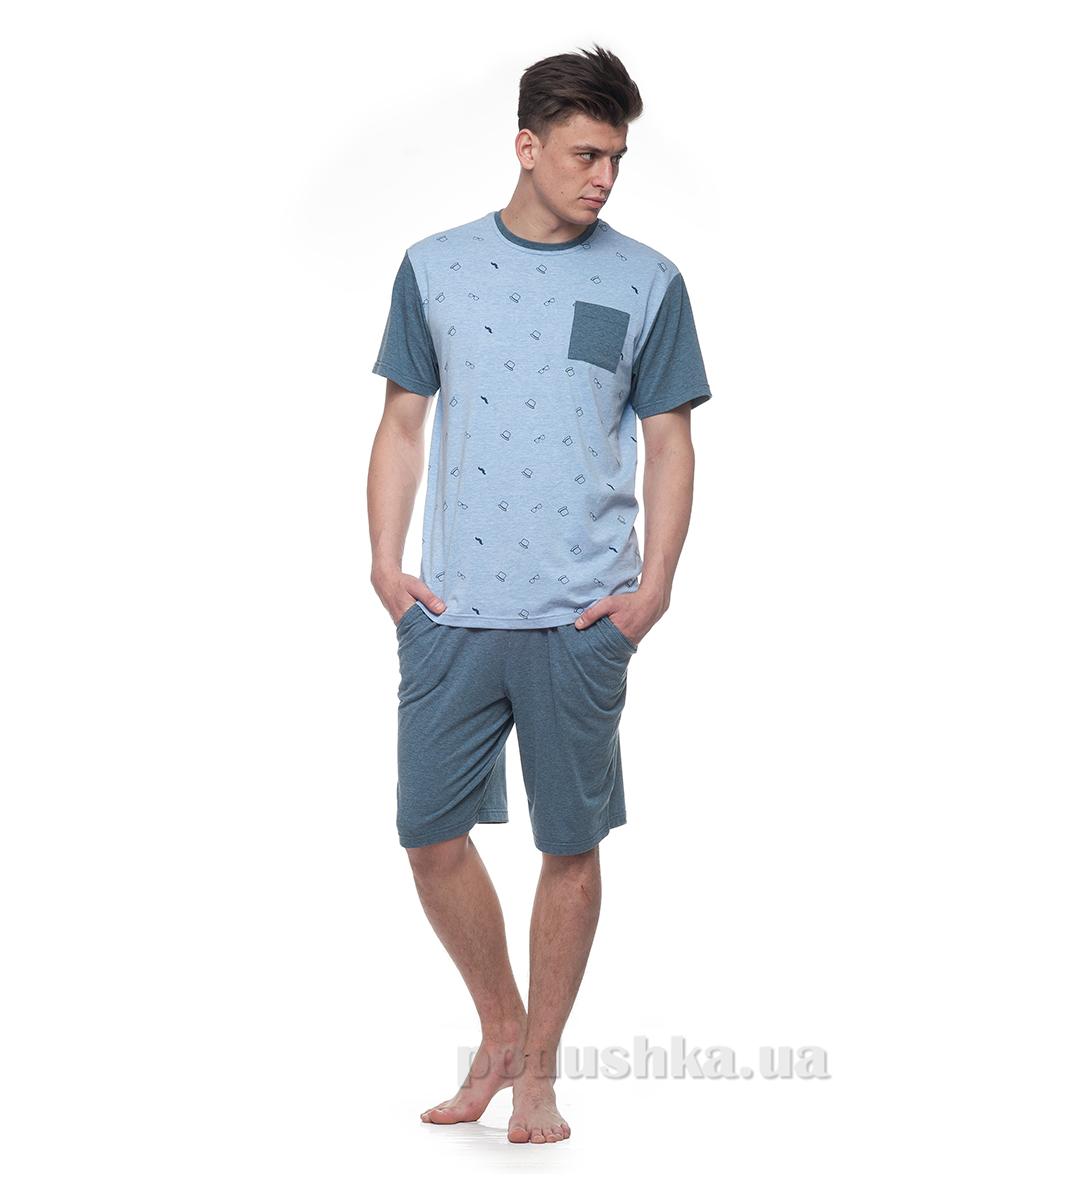 Домашний костюм для мужчин Ellen MNP 013/001 меланж синий